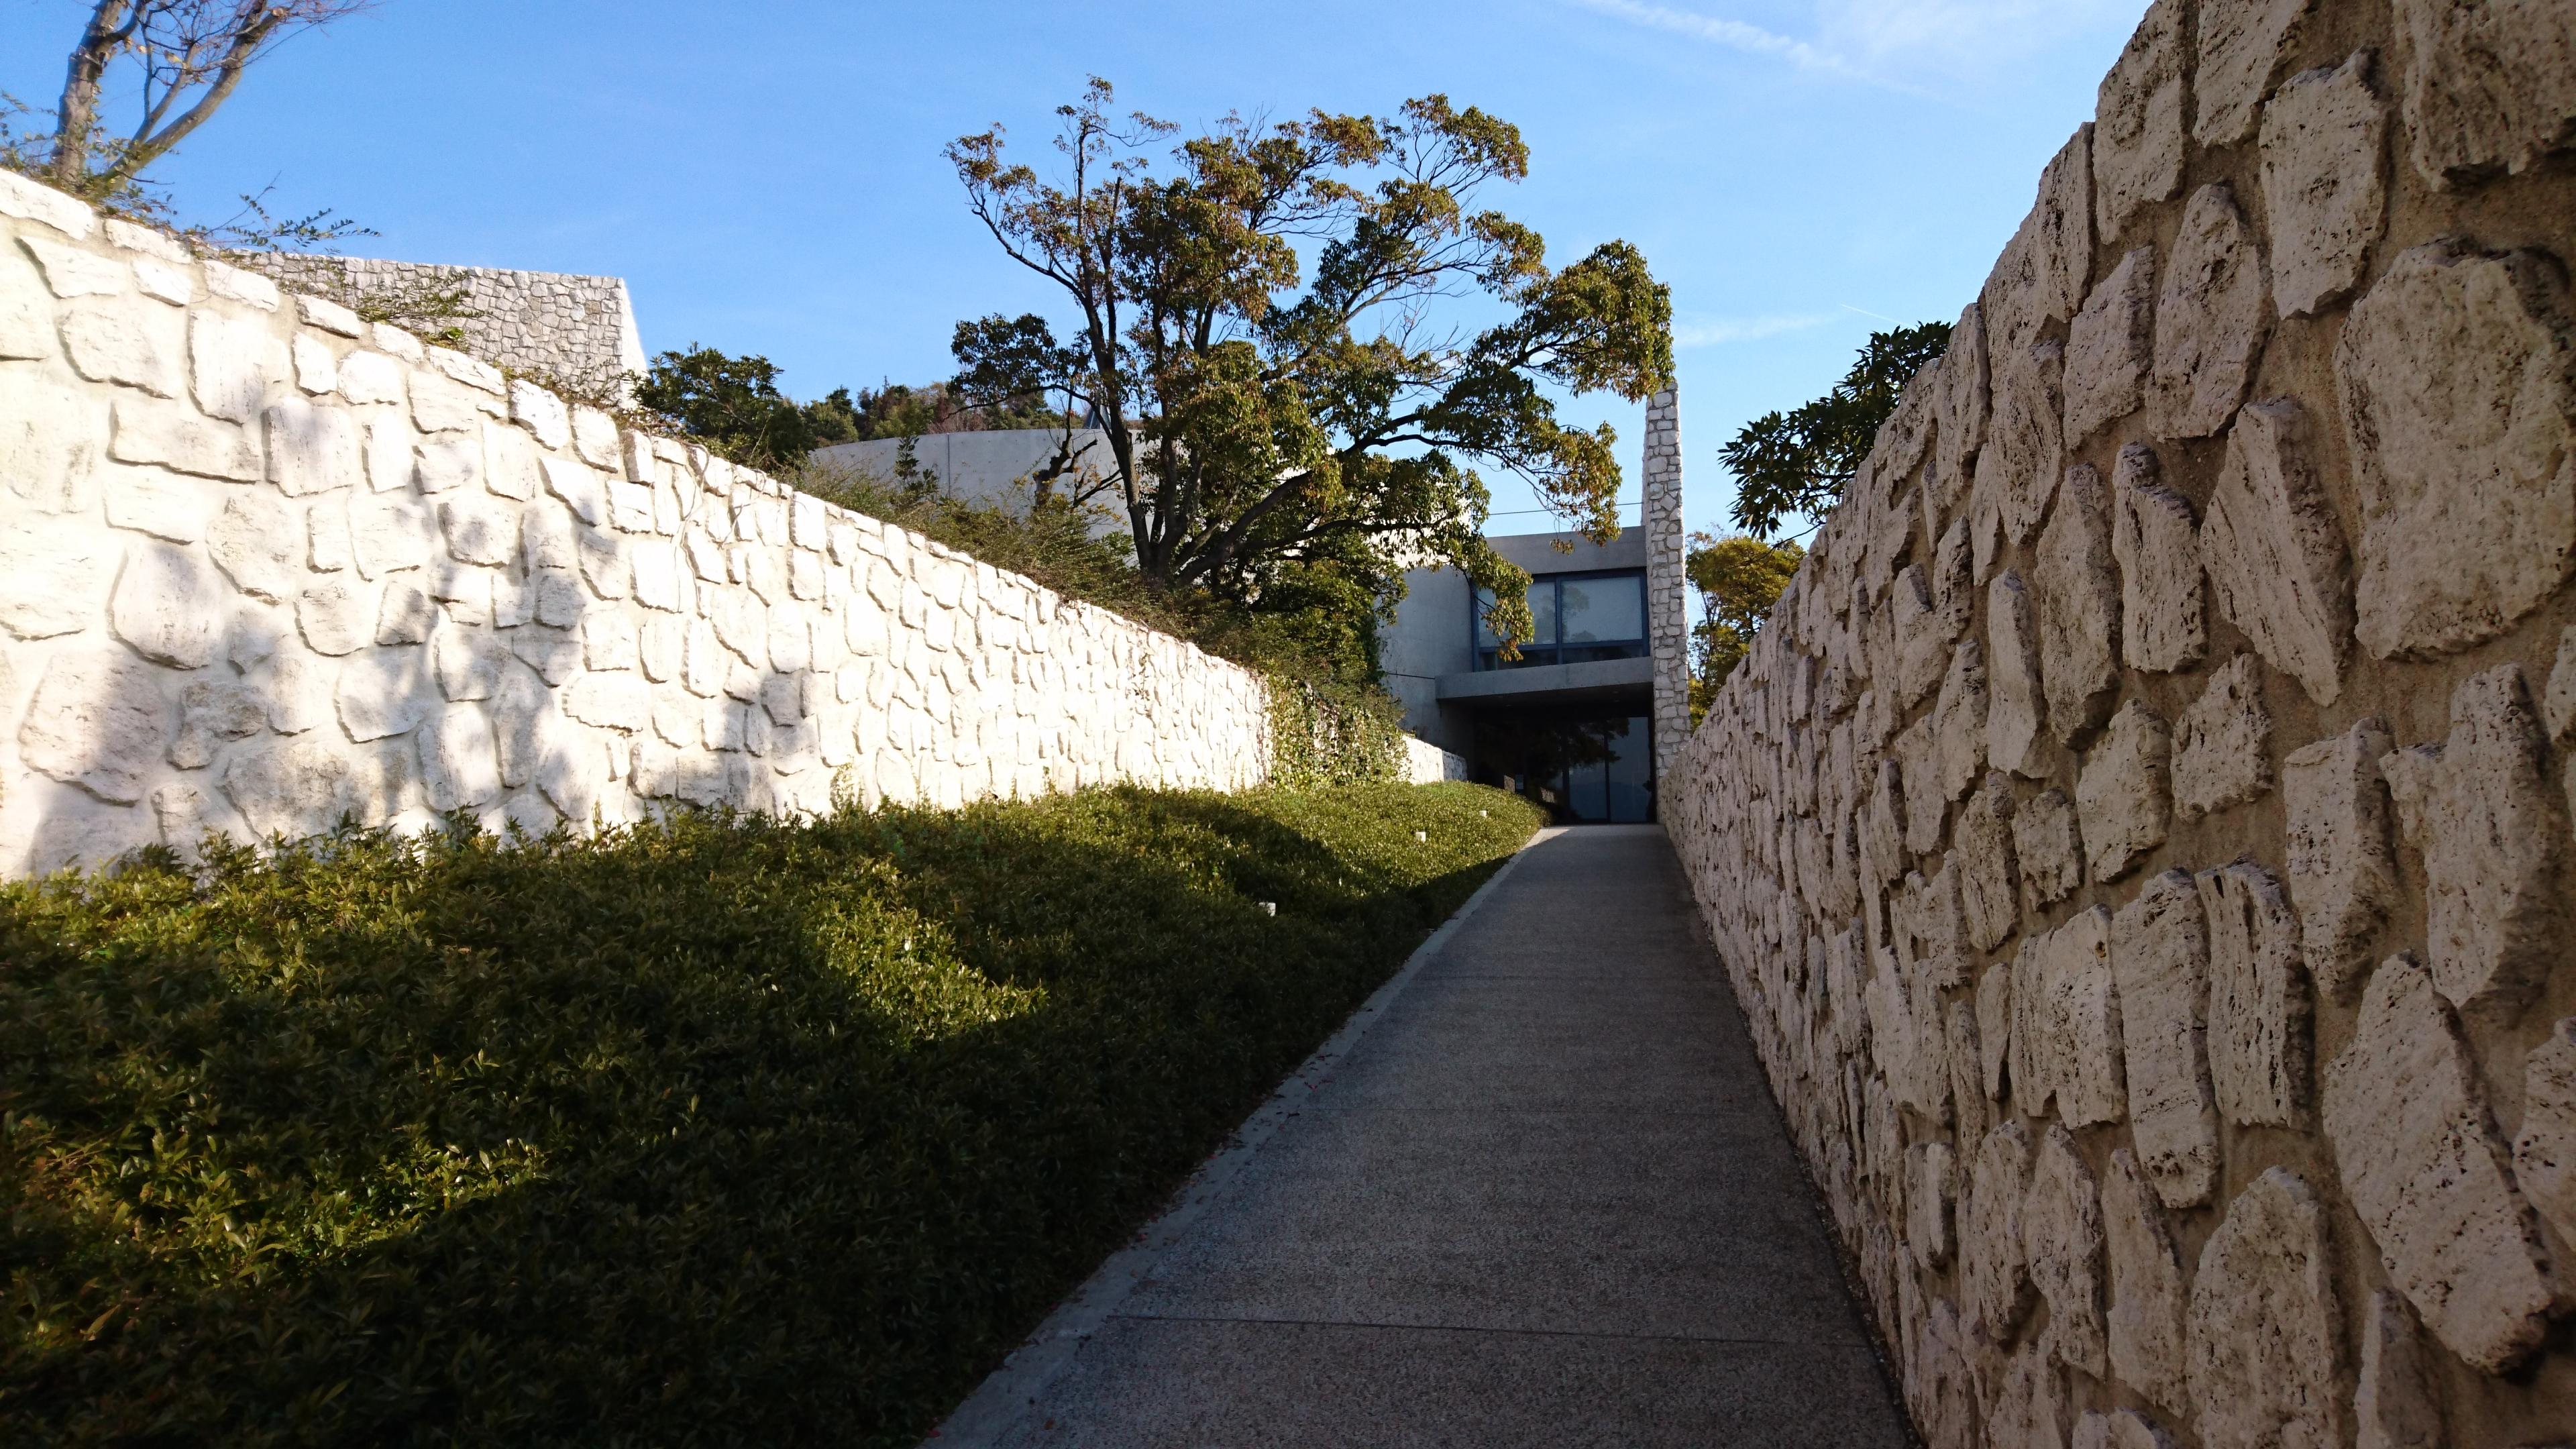 ベネッセハウスミュージアム入り口